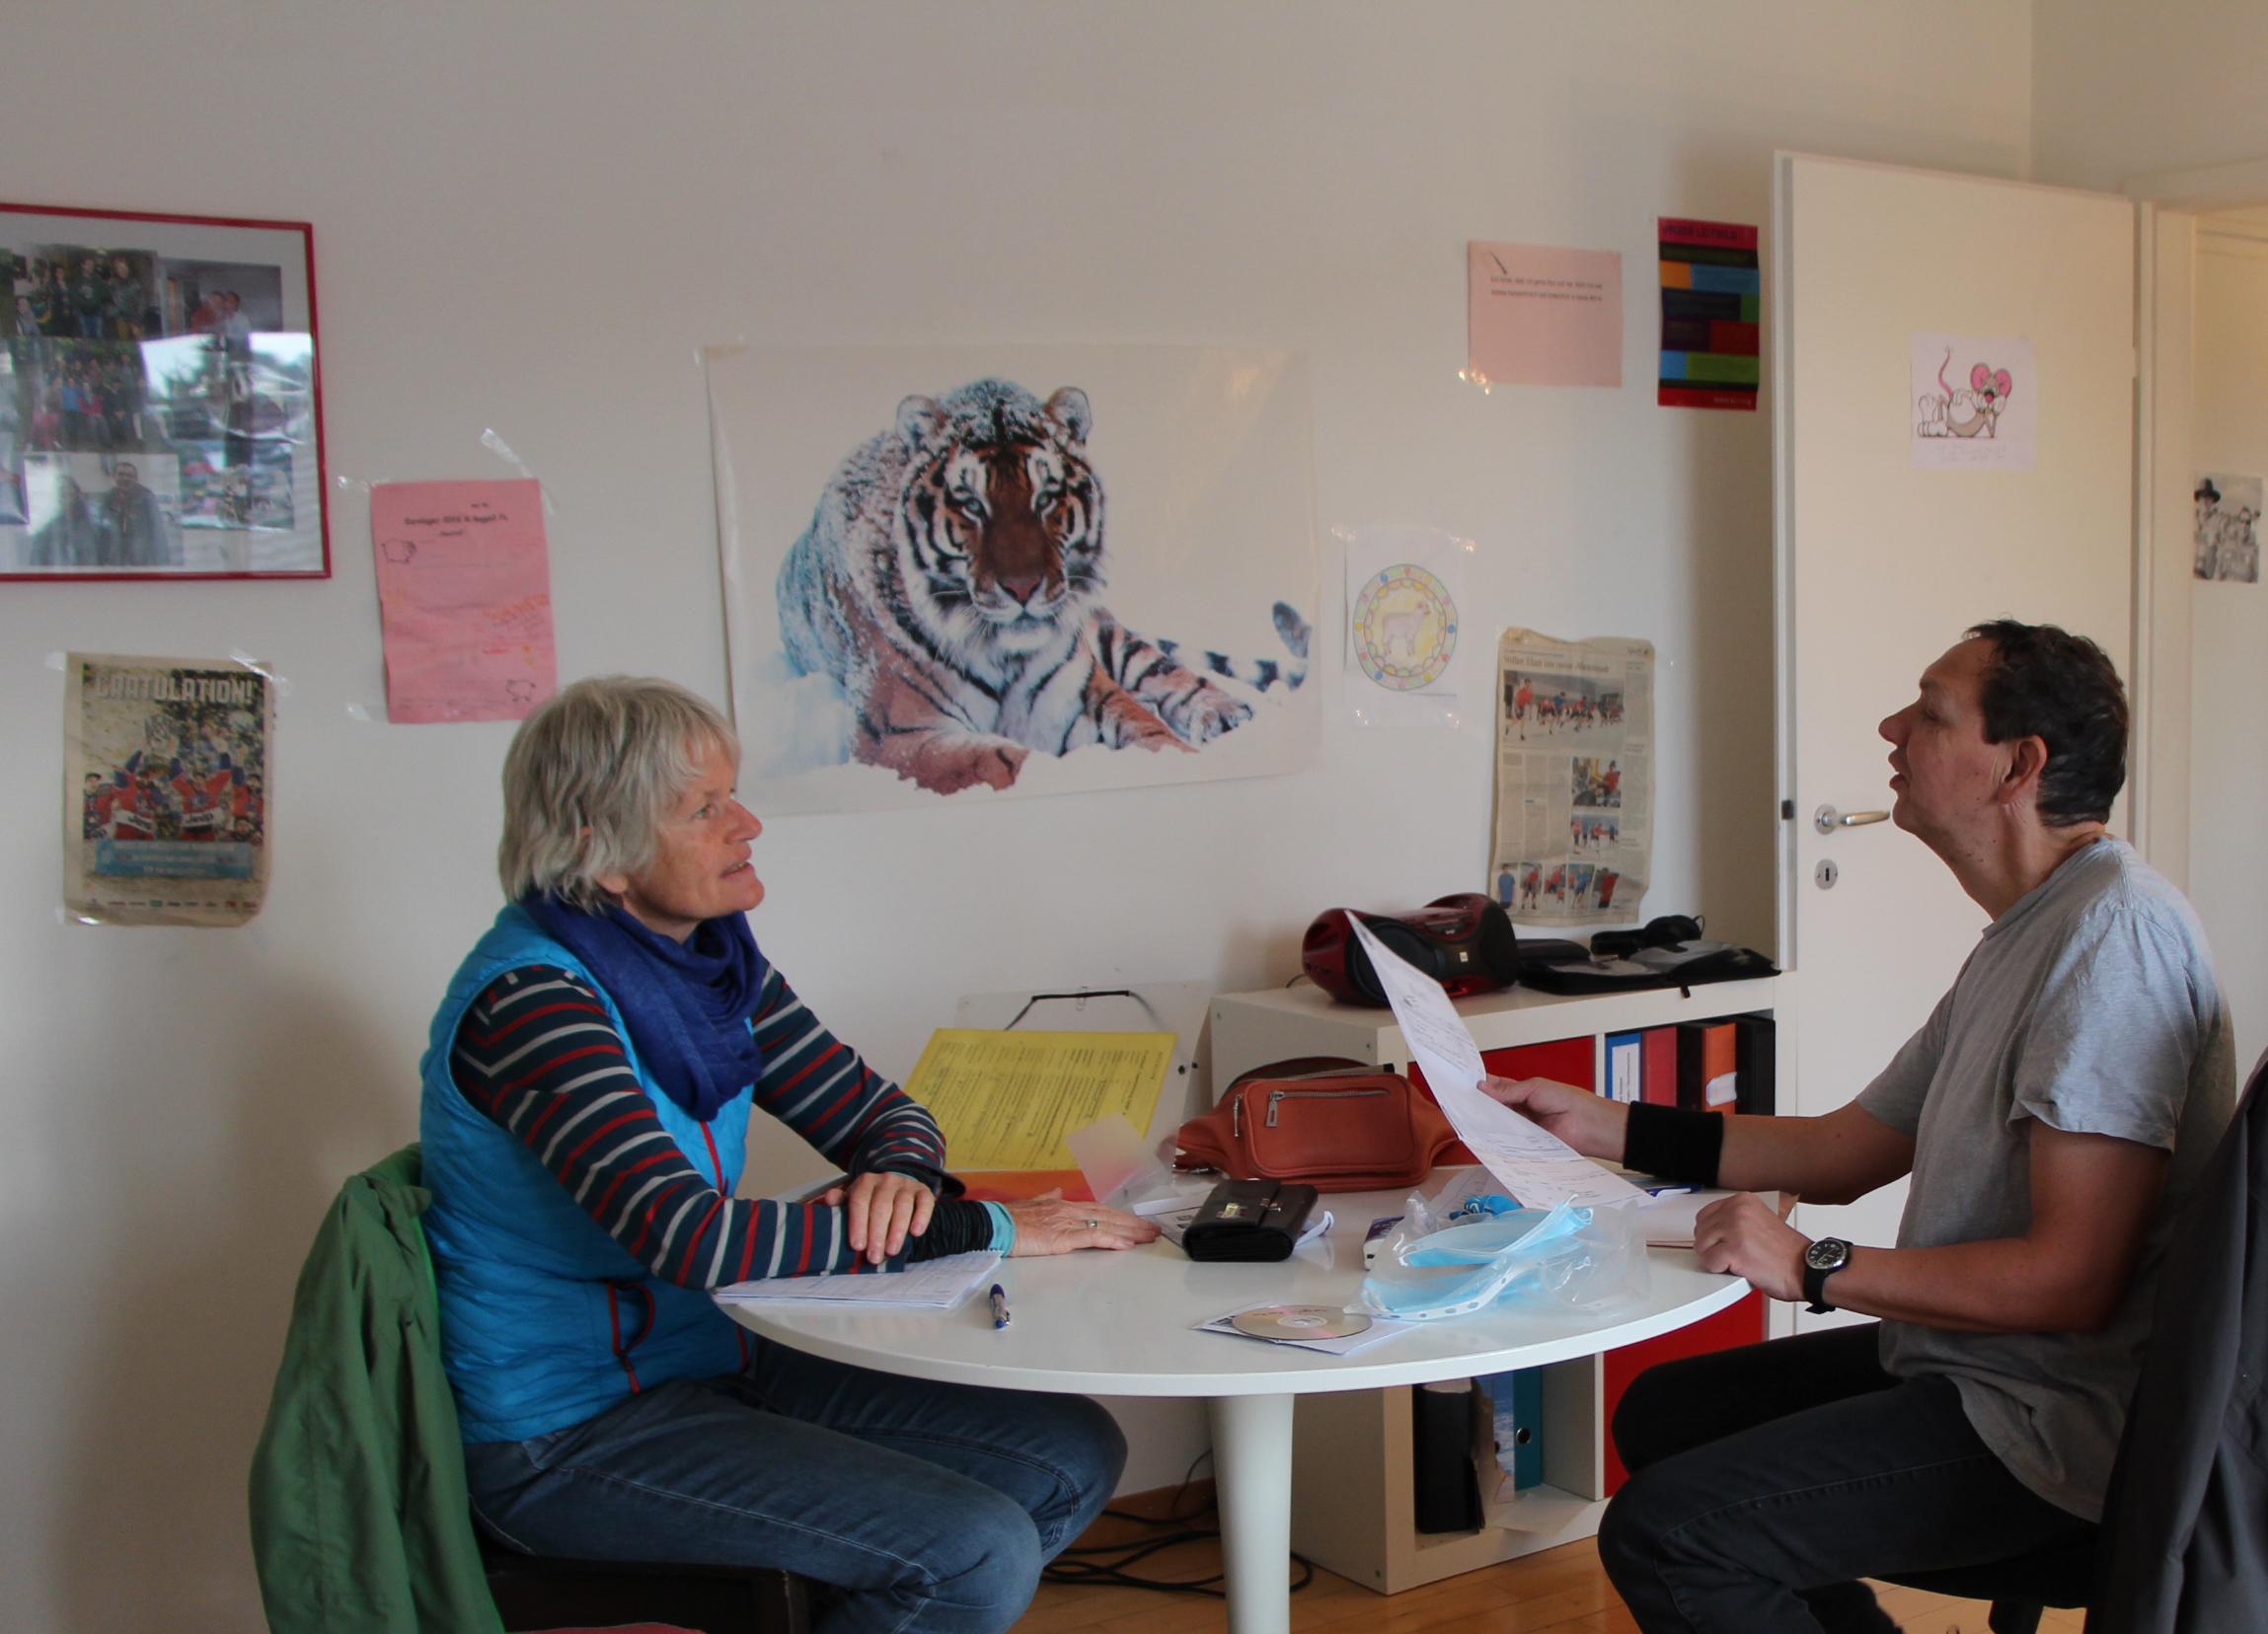 In der Martin Stiftung können Menschen mit einer kognitiven Beeinträchtigung auch alleine wohnen, werden aber begleitet.